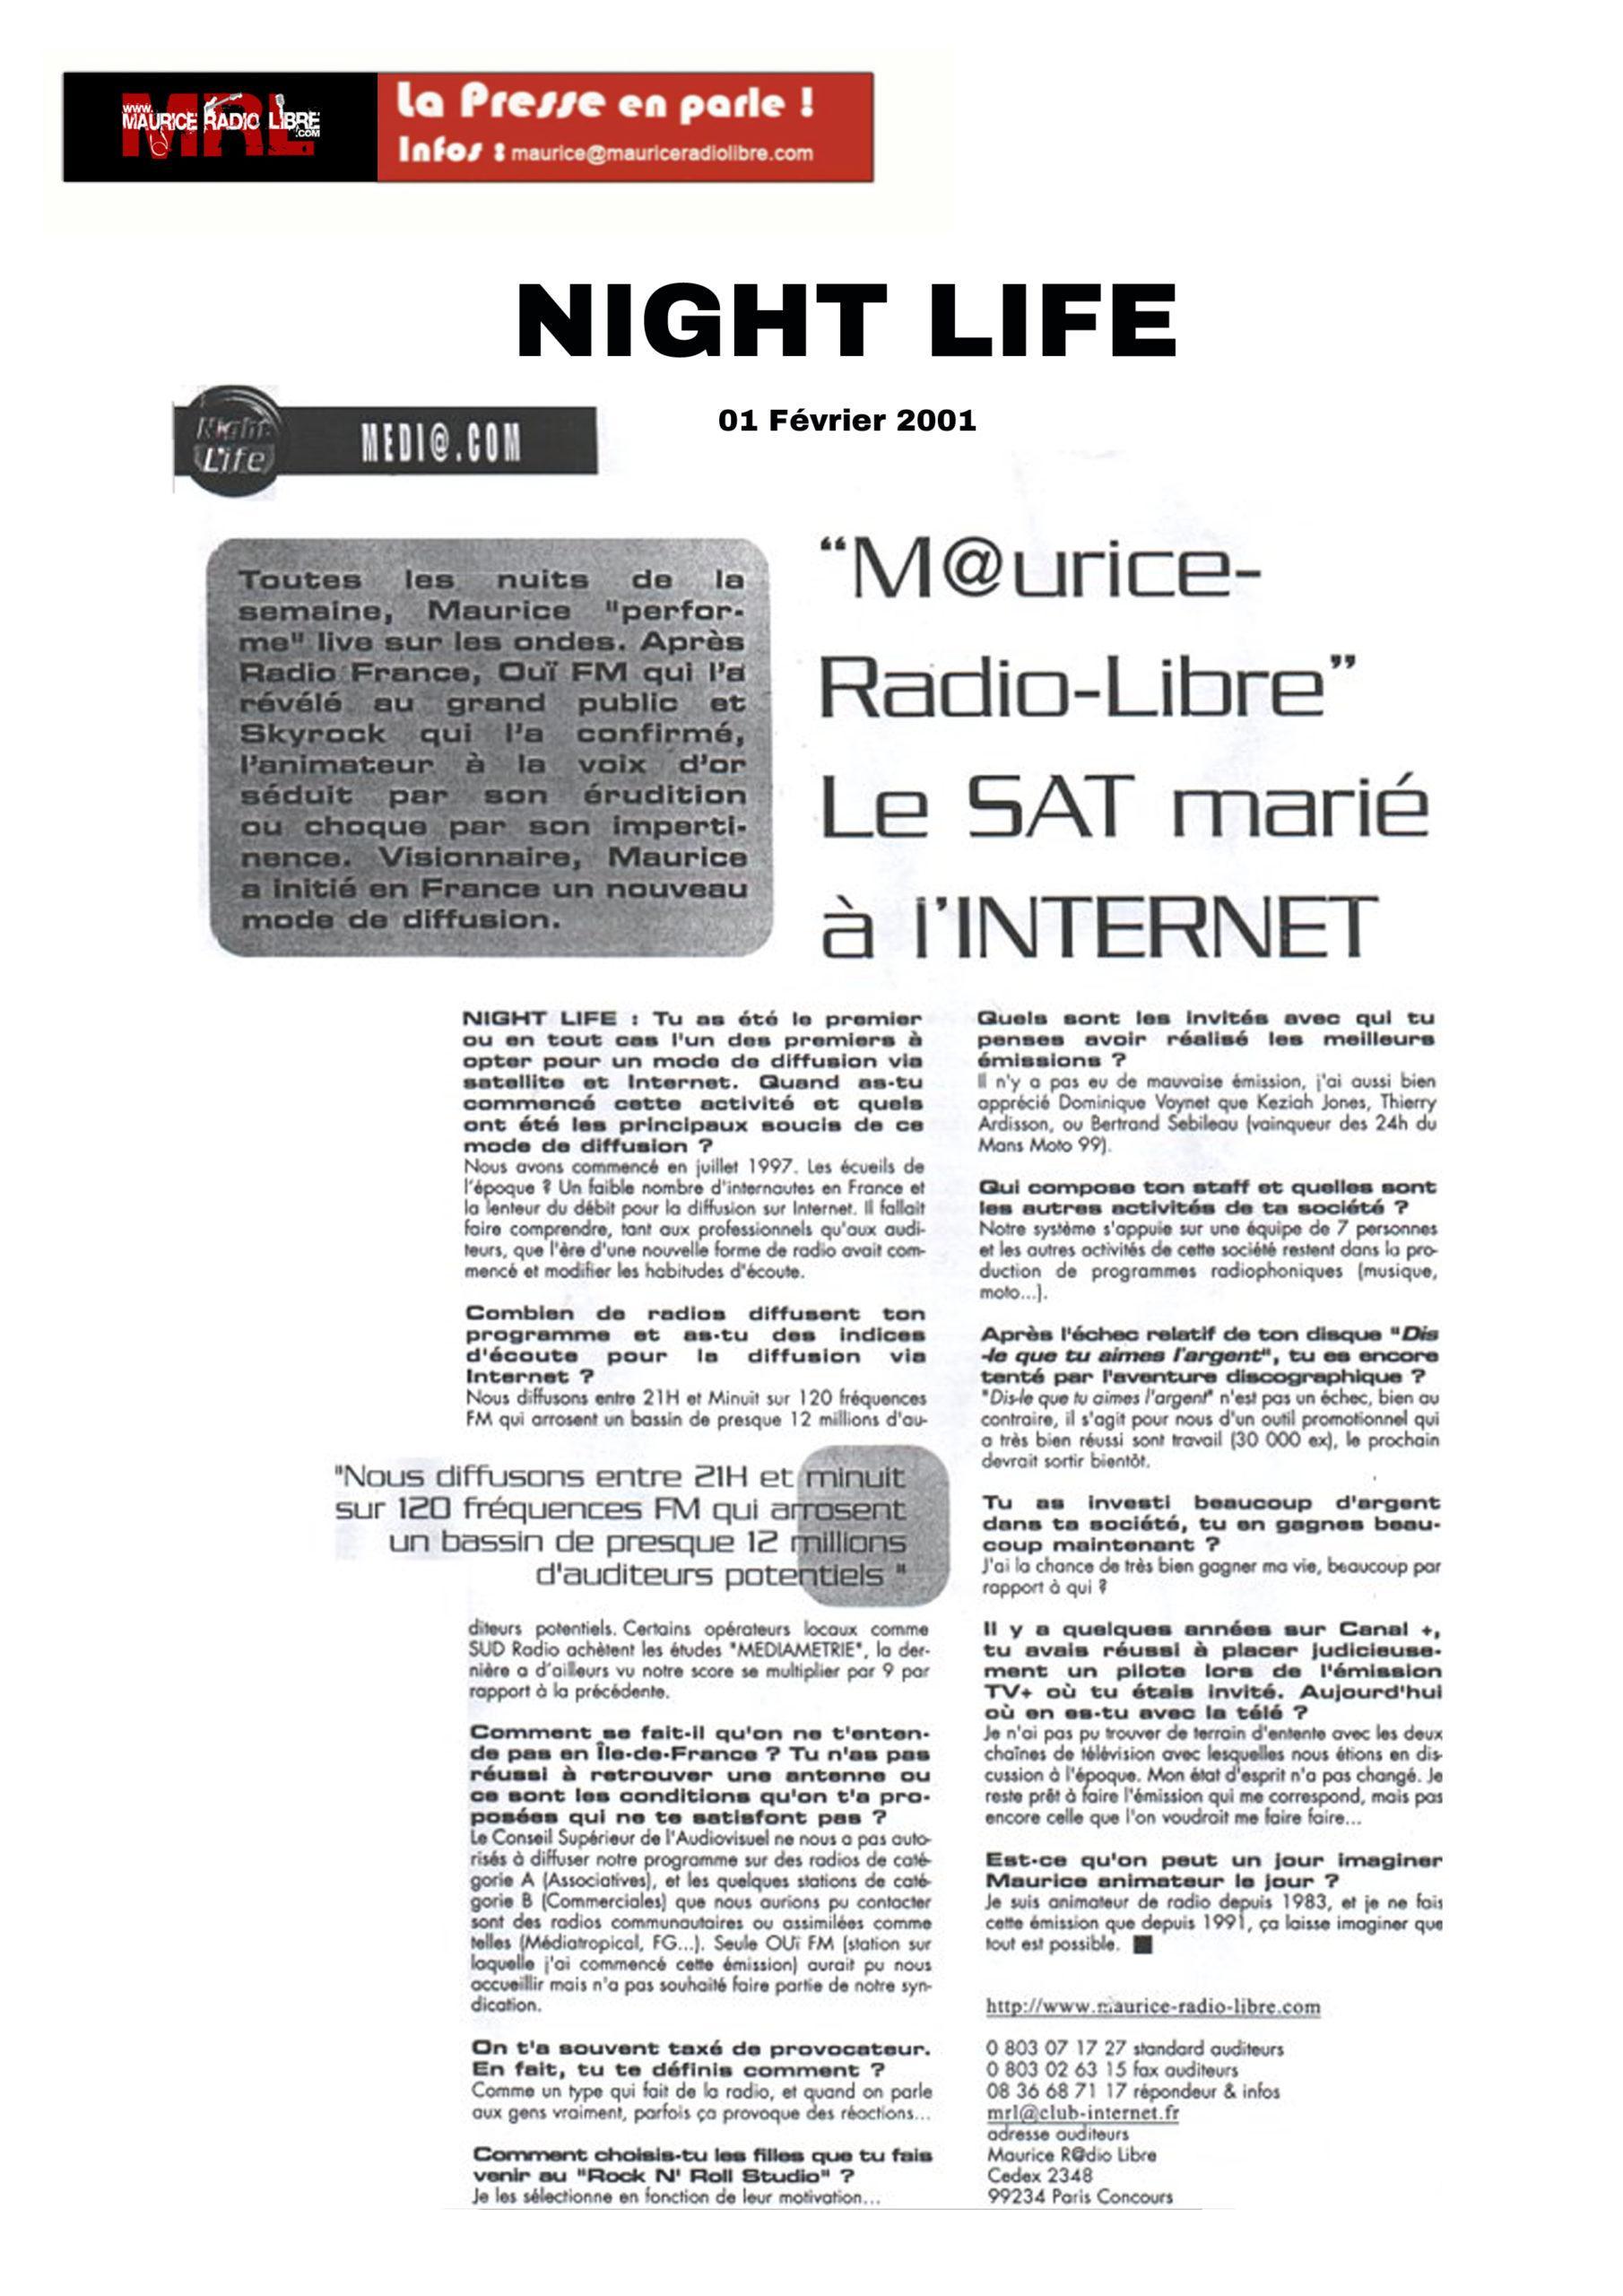 vignette Nigh Life MRL le SAT marié à l'Internet - 01/02/2001